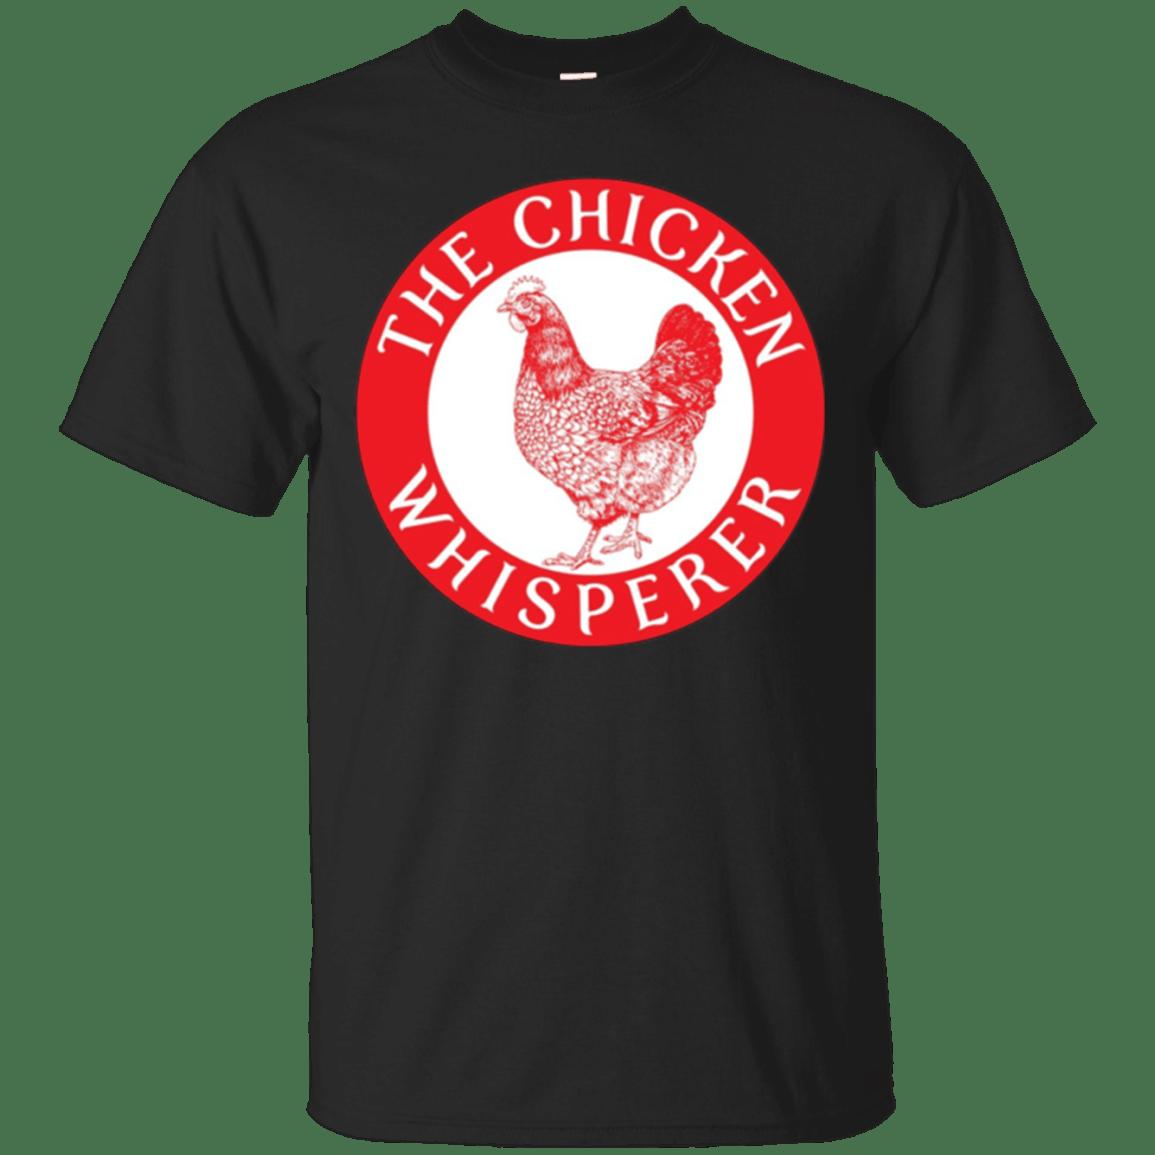 The Chicken Whisperer Shirt Farming Cattle Chicks Funny Gift